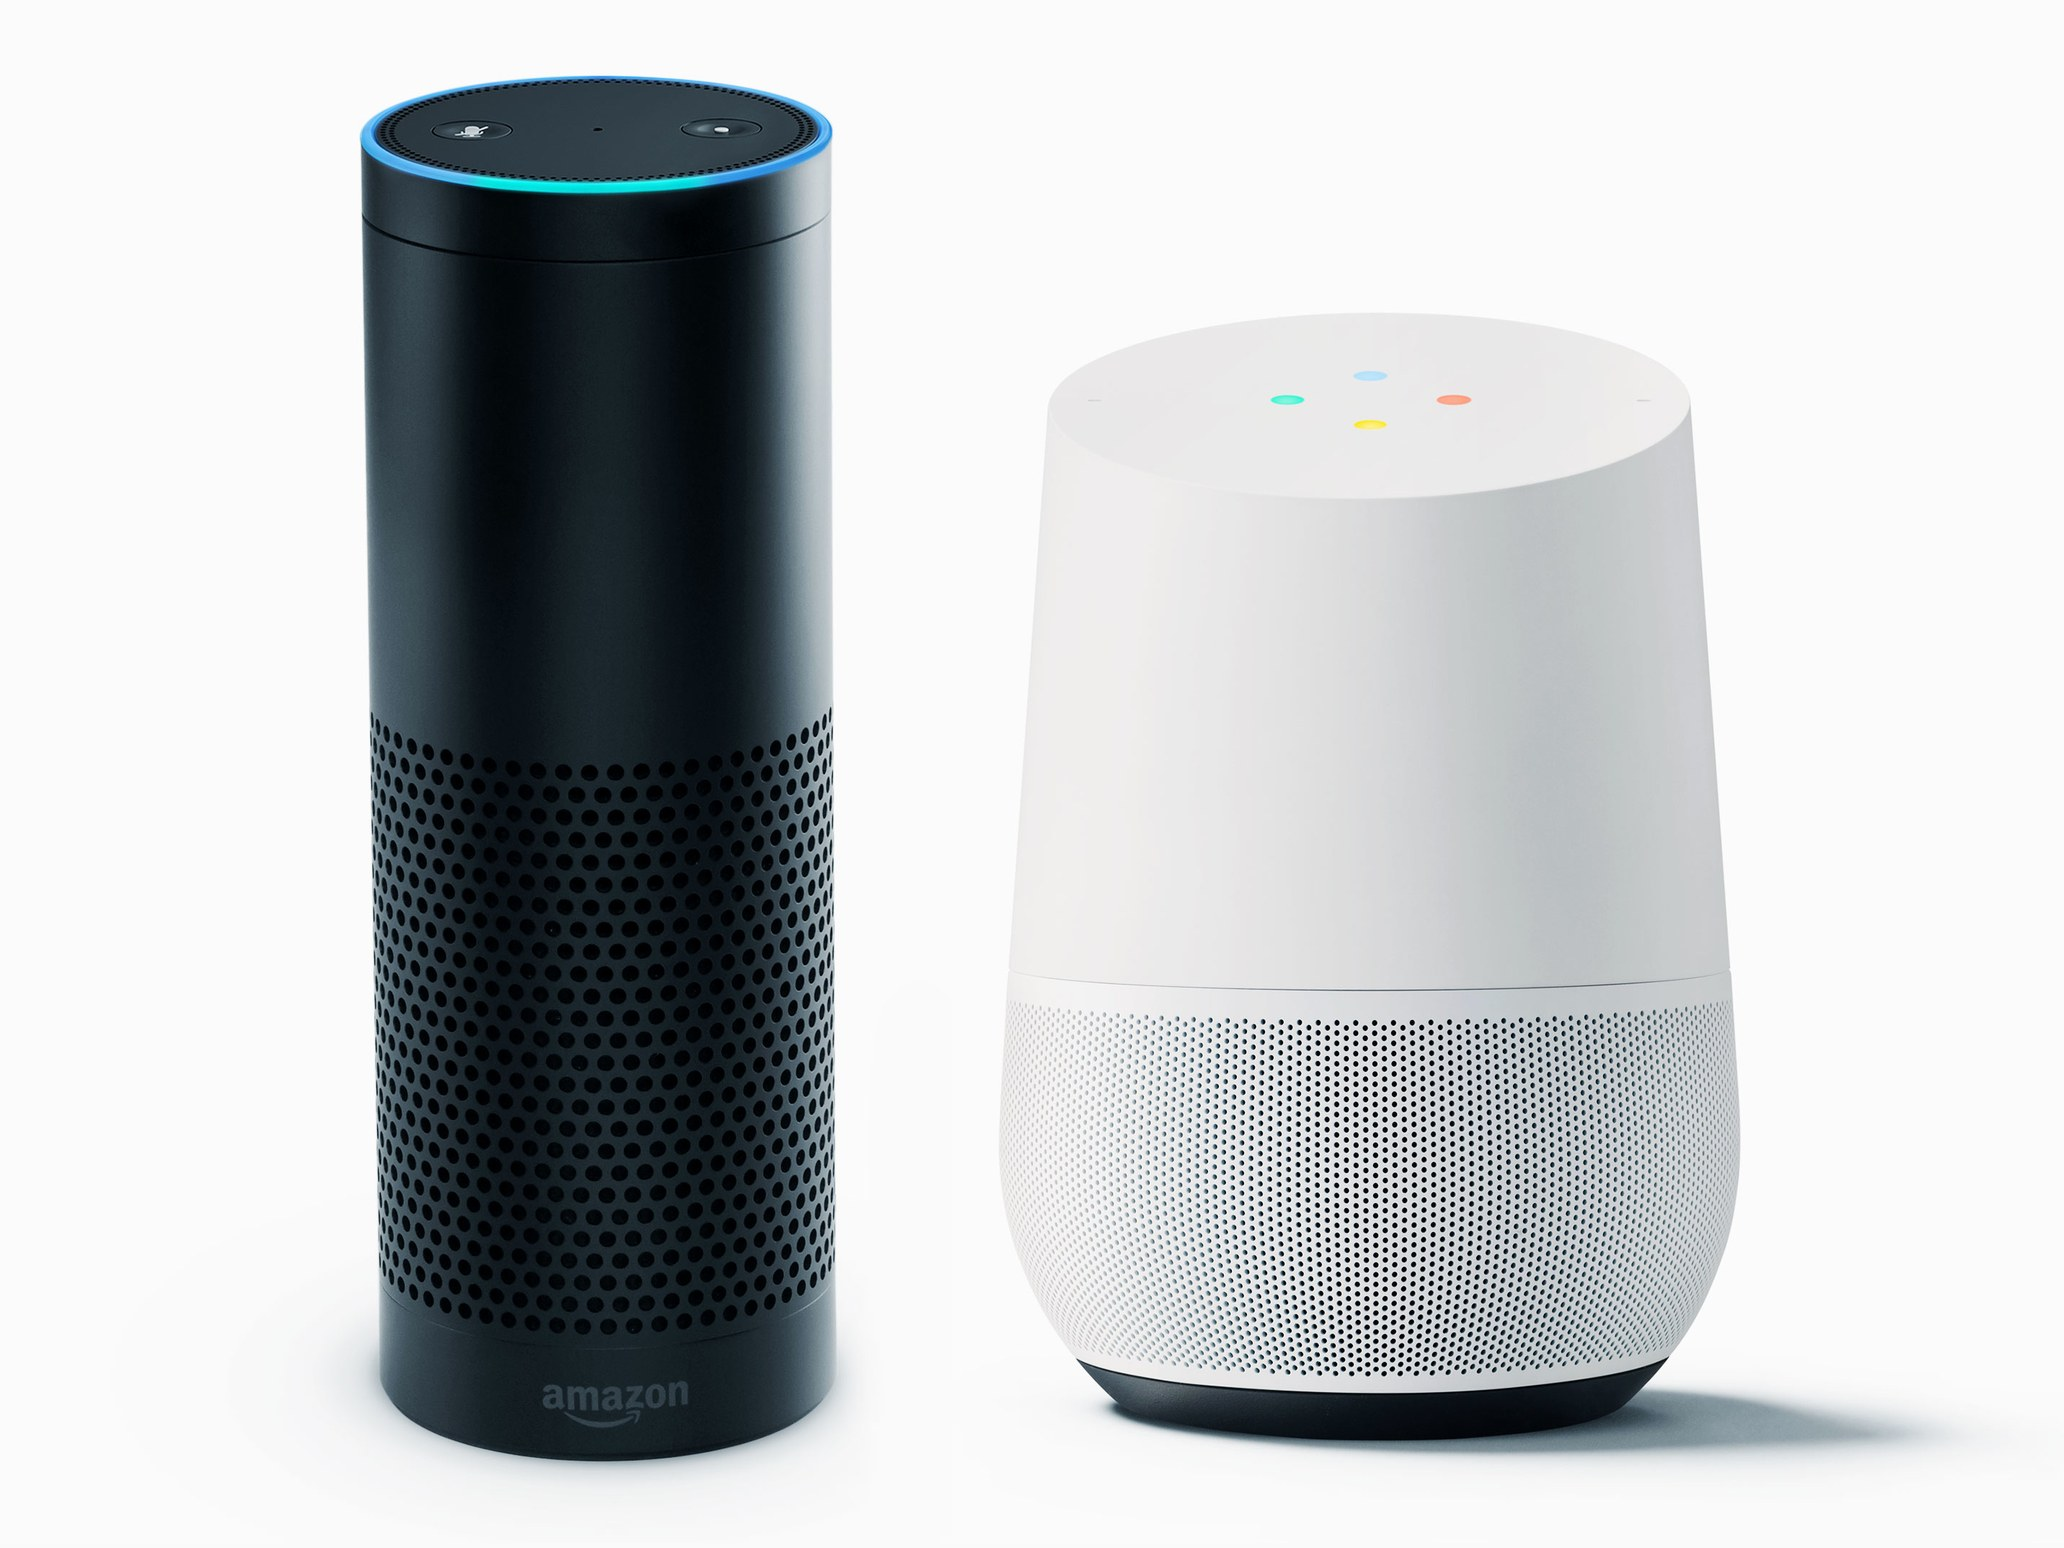 Amazon/Google